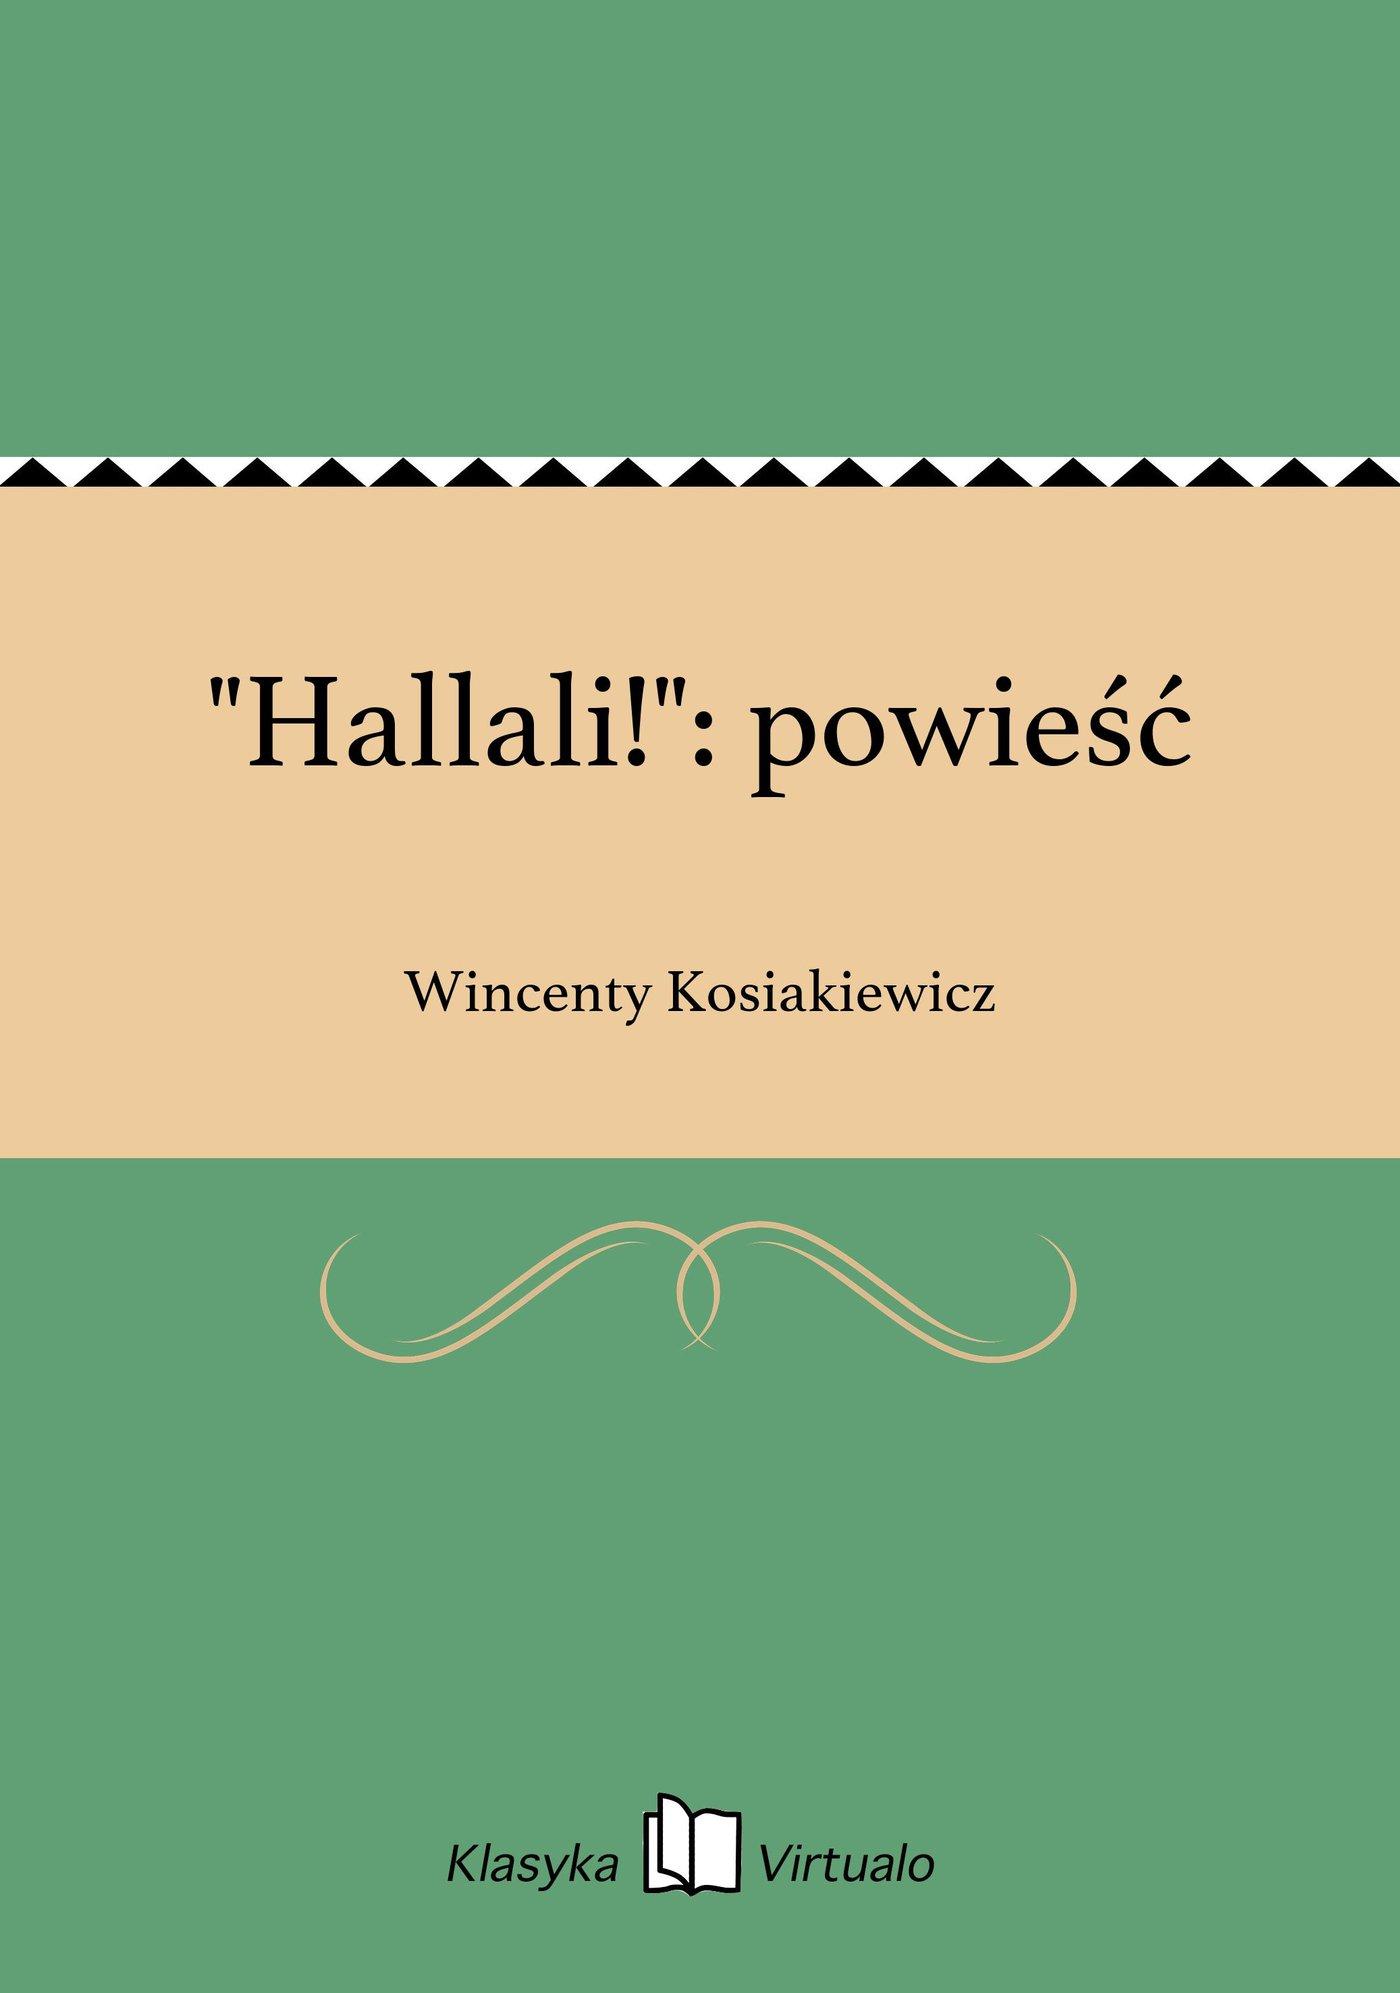 """""""Hallali!"""": powieść - Ebook (Książka EPUB) do pobrania w formacie EPUB"""